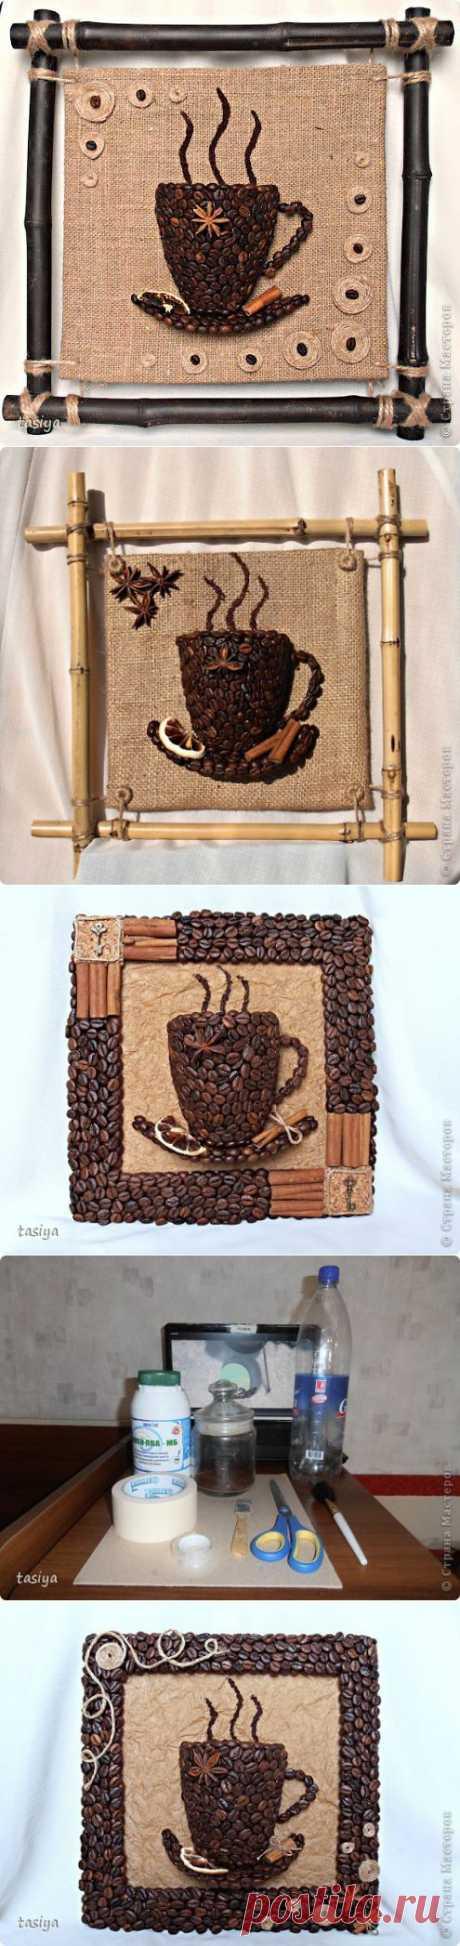 Для кофеманов: панно ЧАШКА КОФЕ. МК.